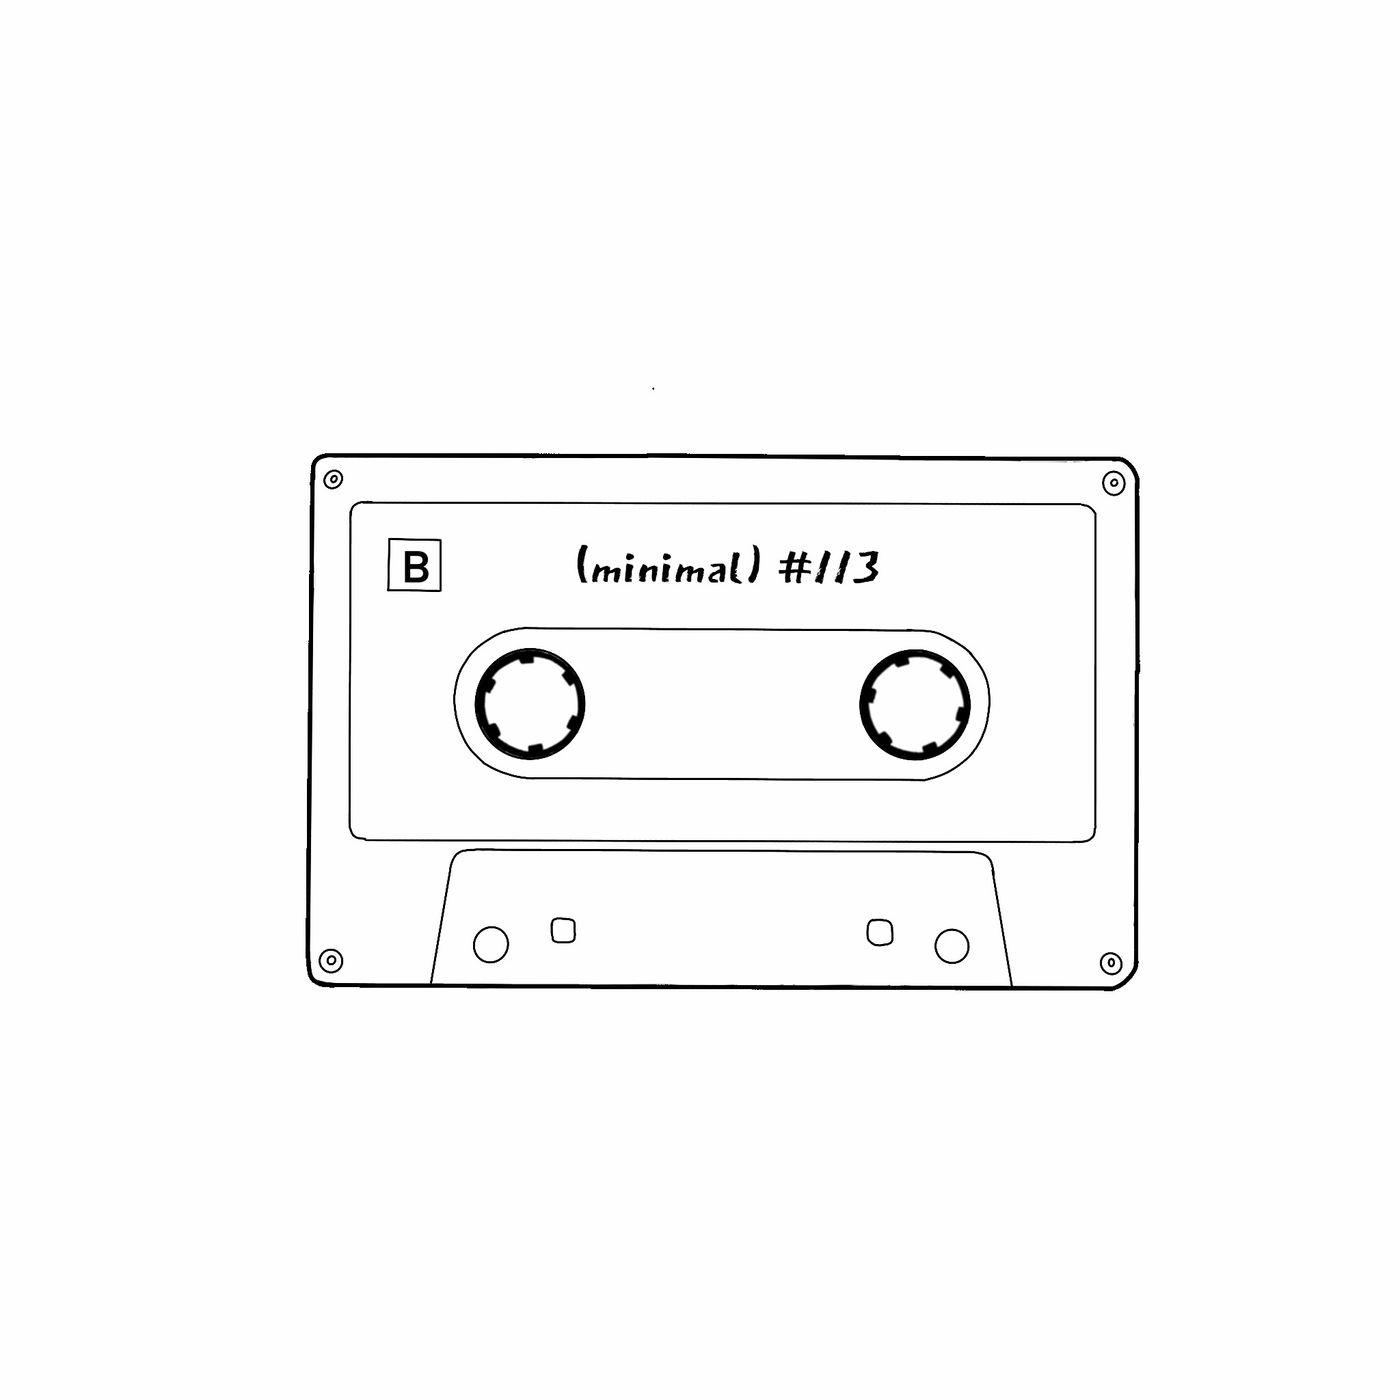 (minimal) #113